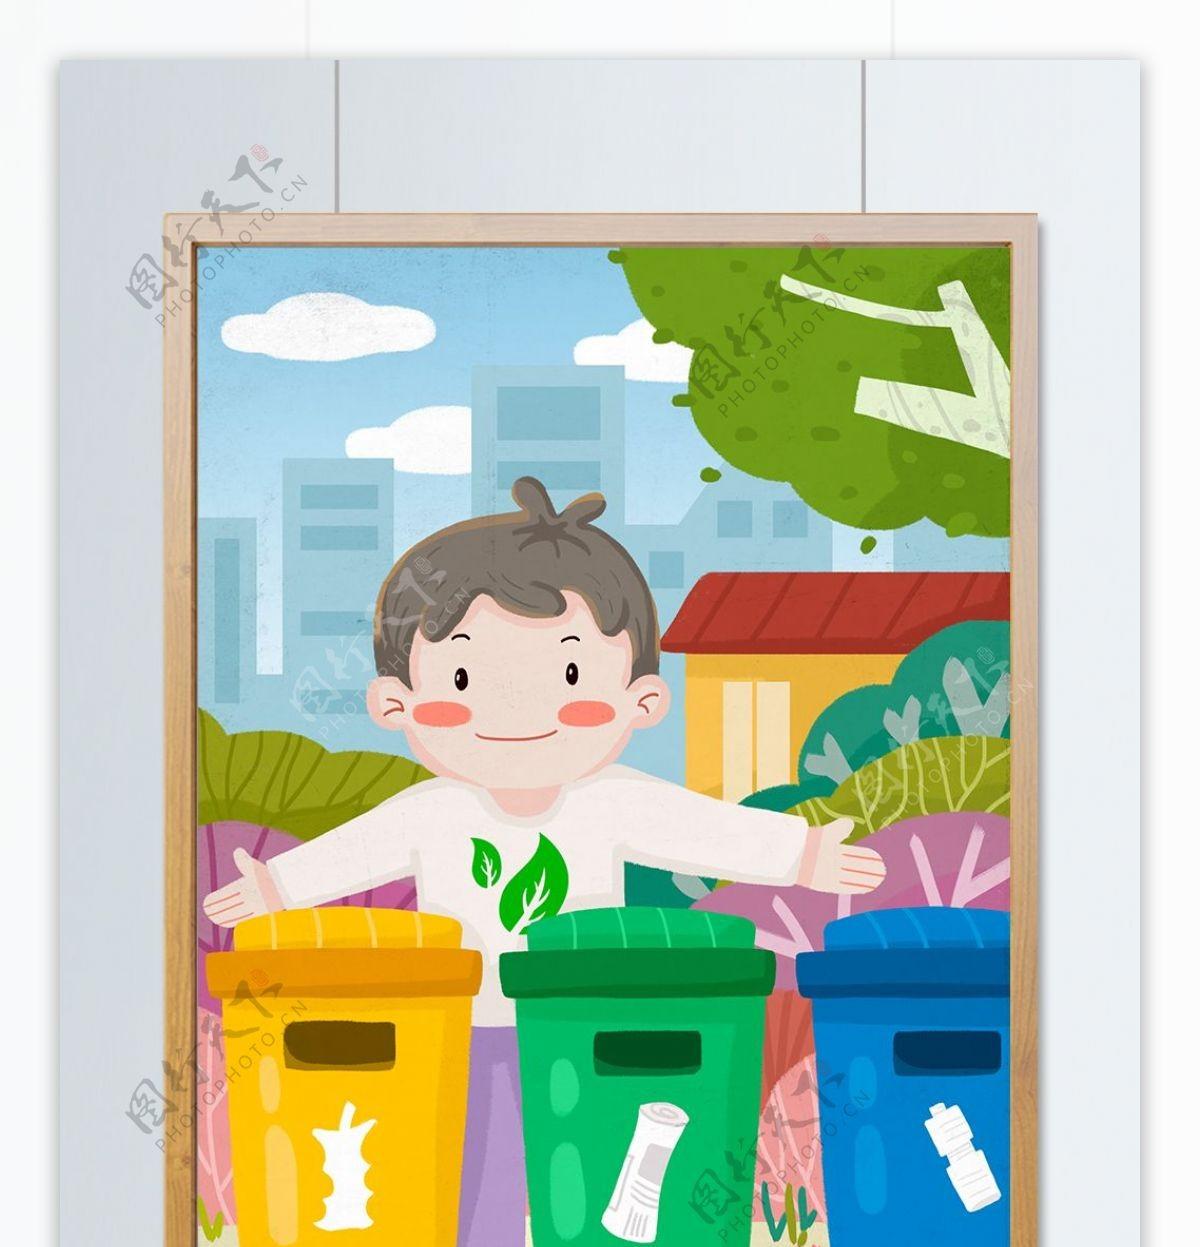 环保公益宣传爱护环境垃圾分类清洁城市